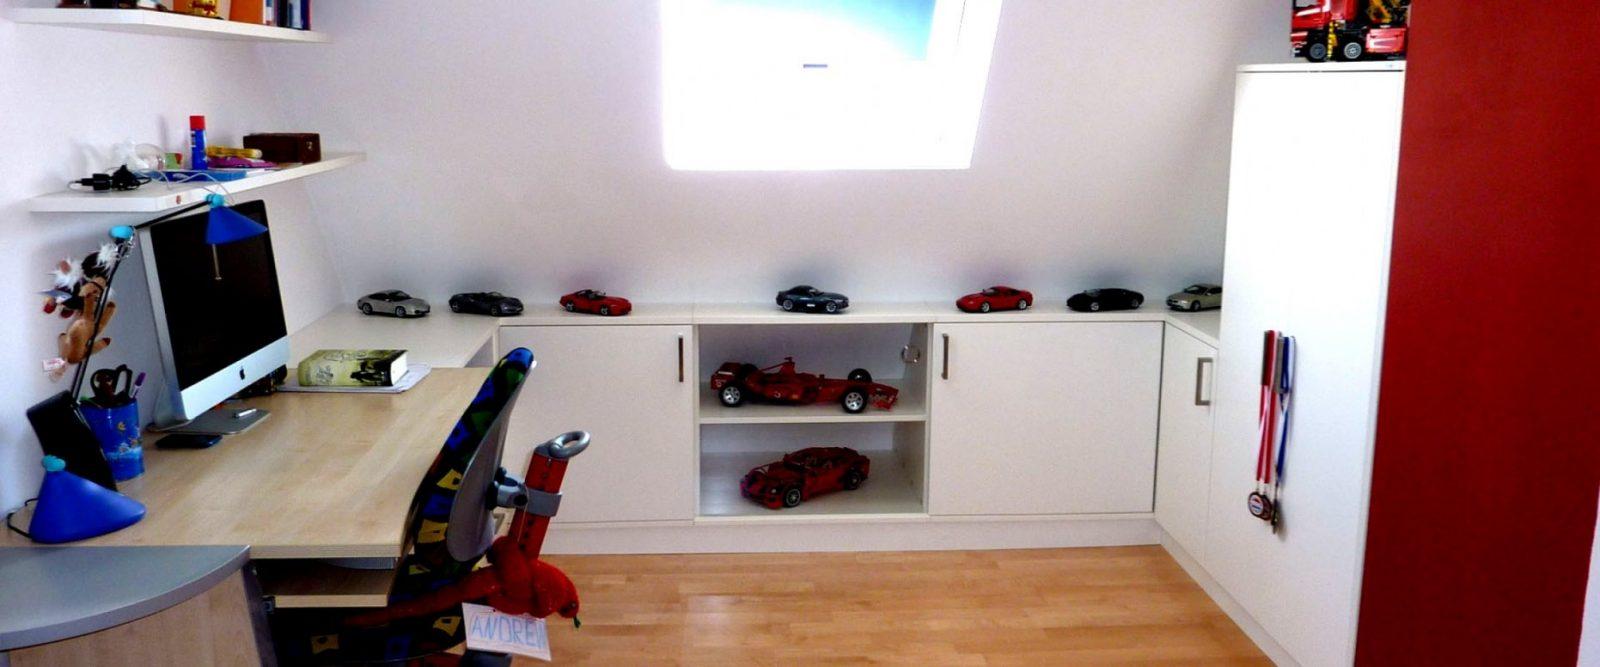 Neuesten Jugendzimmer Mit Schrage Madchen Dachschräge Dachzimmer von Kinderzimmer Mit Dachschräge Einrichten Photo